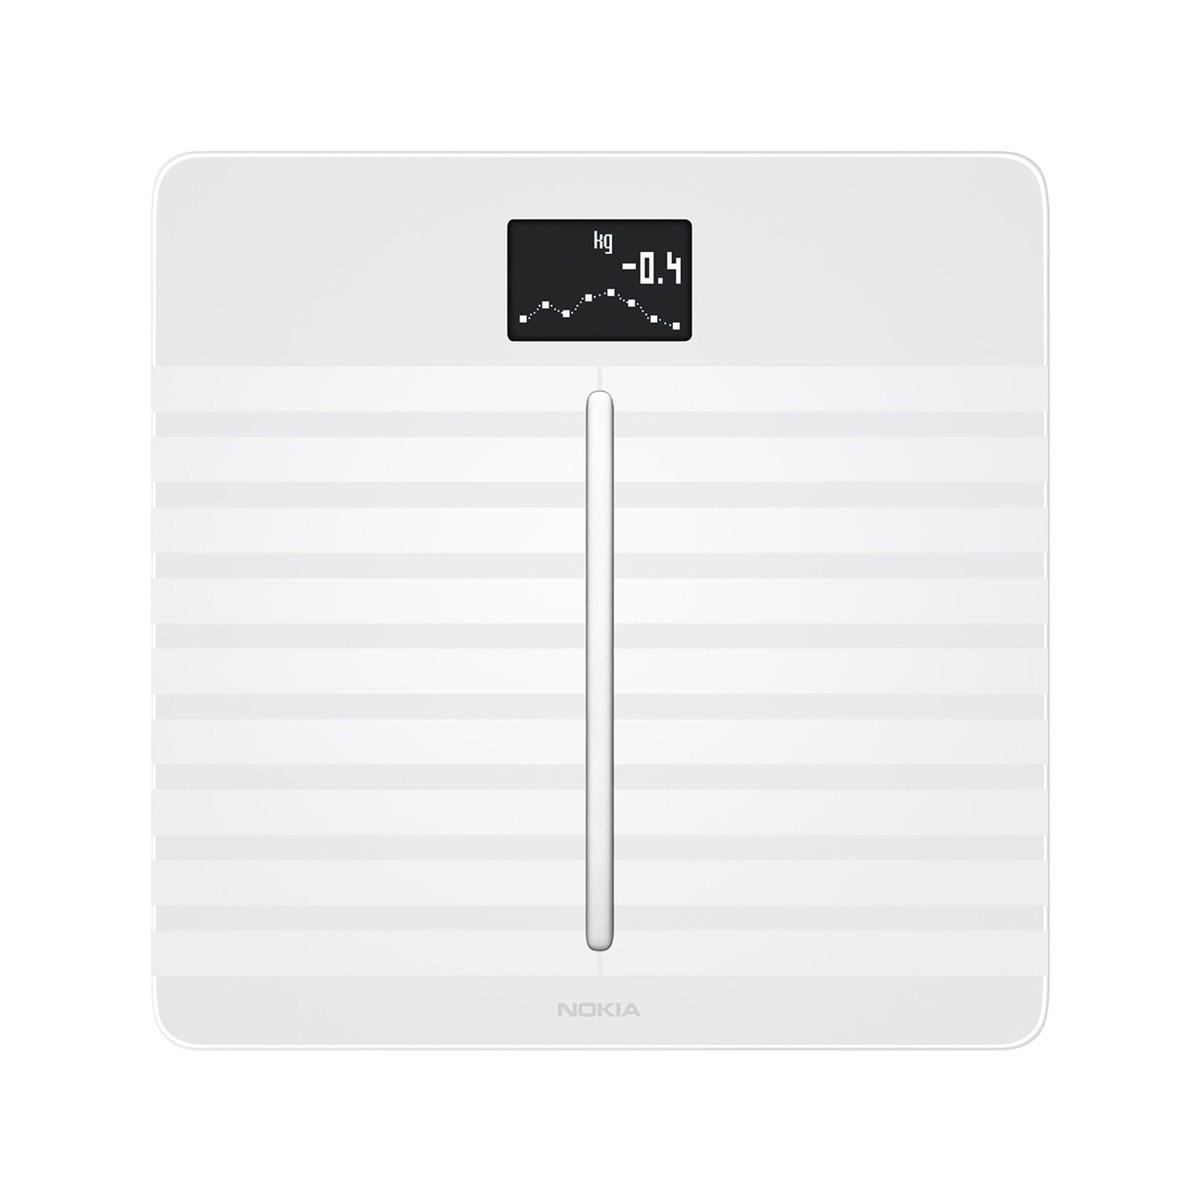 Osobní váha Nokia Cardio - bílá